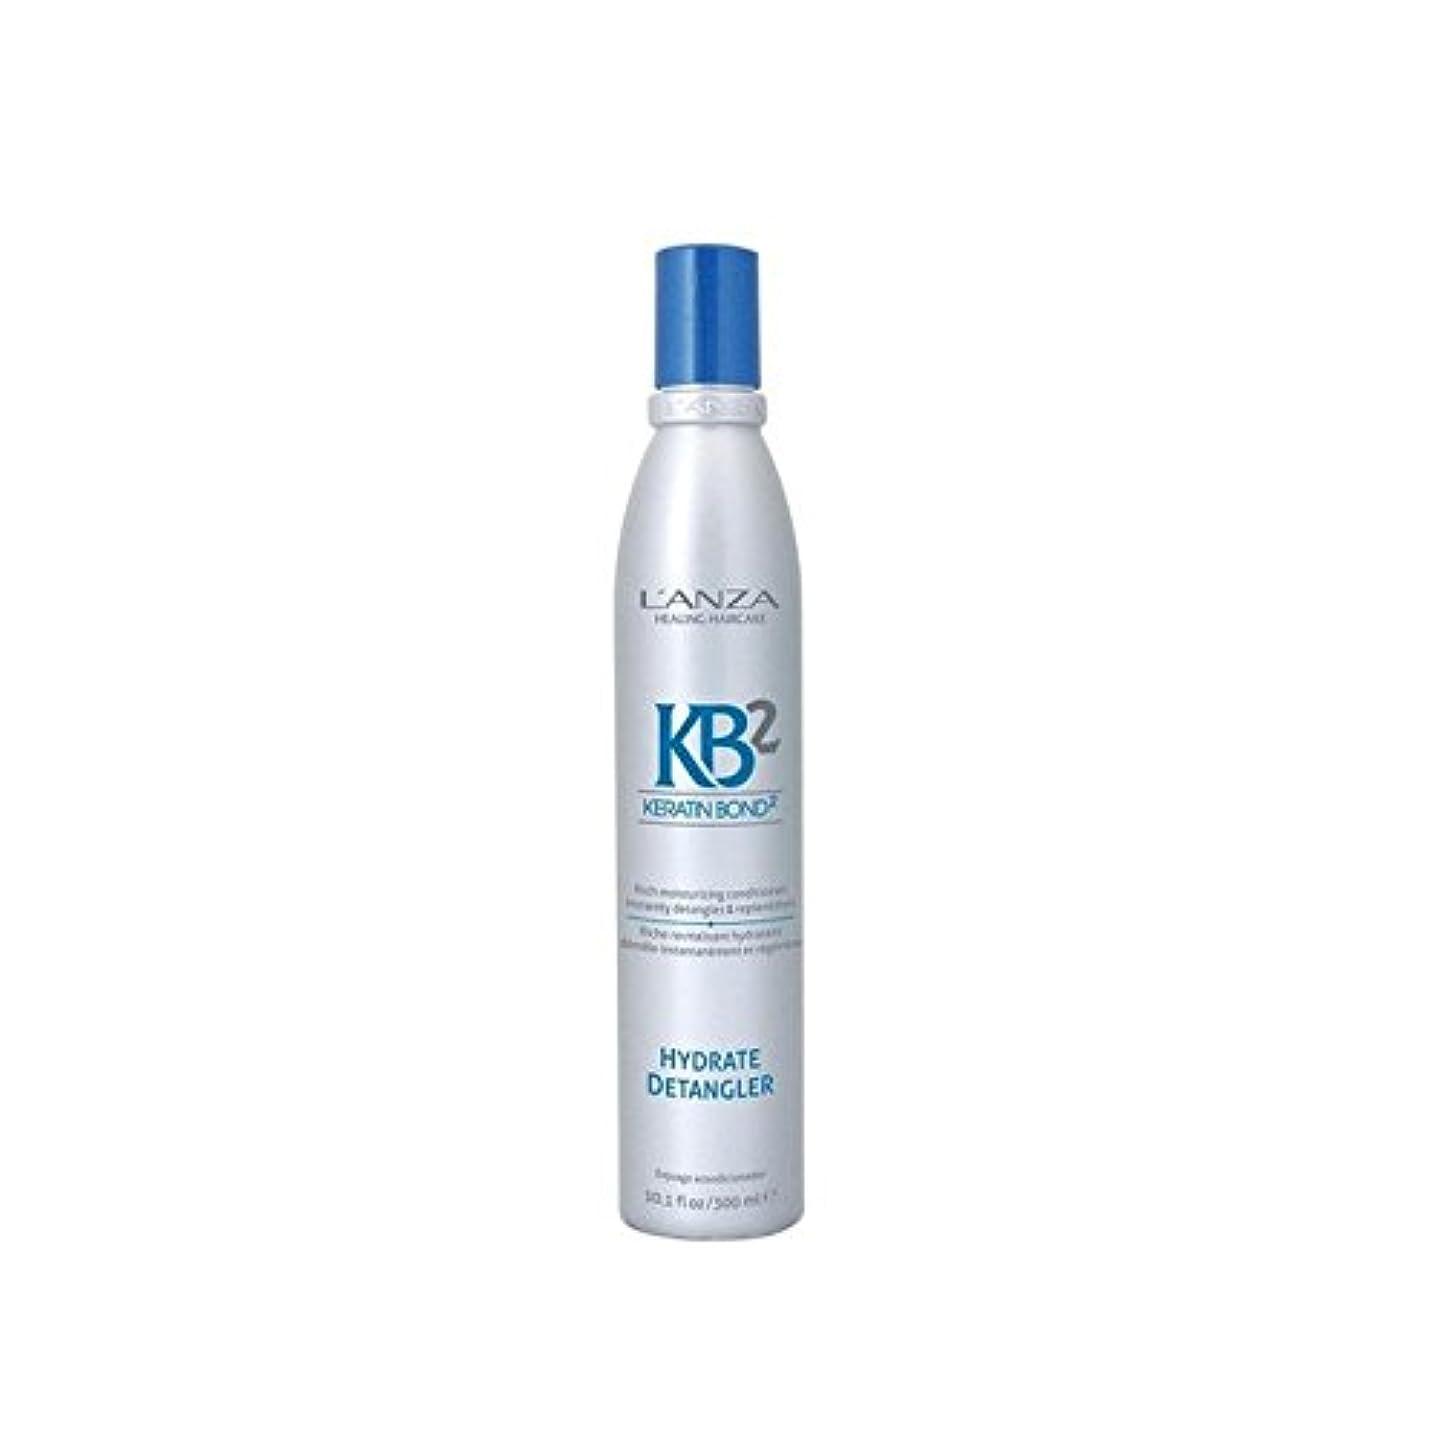 ストロールーキー立ち寄るアンザ2和物(300ミリリットル) x4 - L'Anza Kb2 Hydrate Detangler (300ml) (Pack of 4) [並行輸入品]